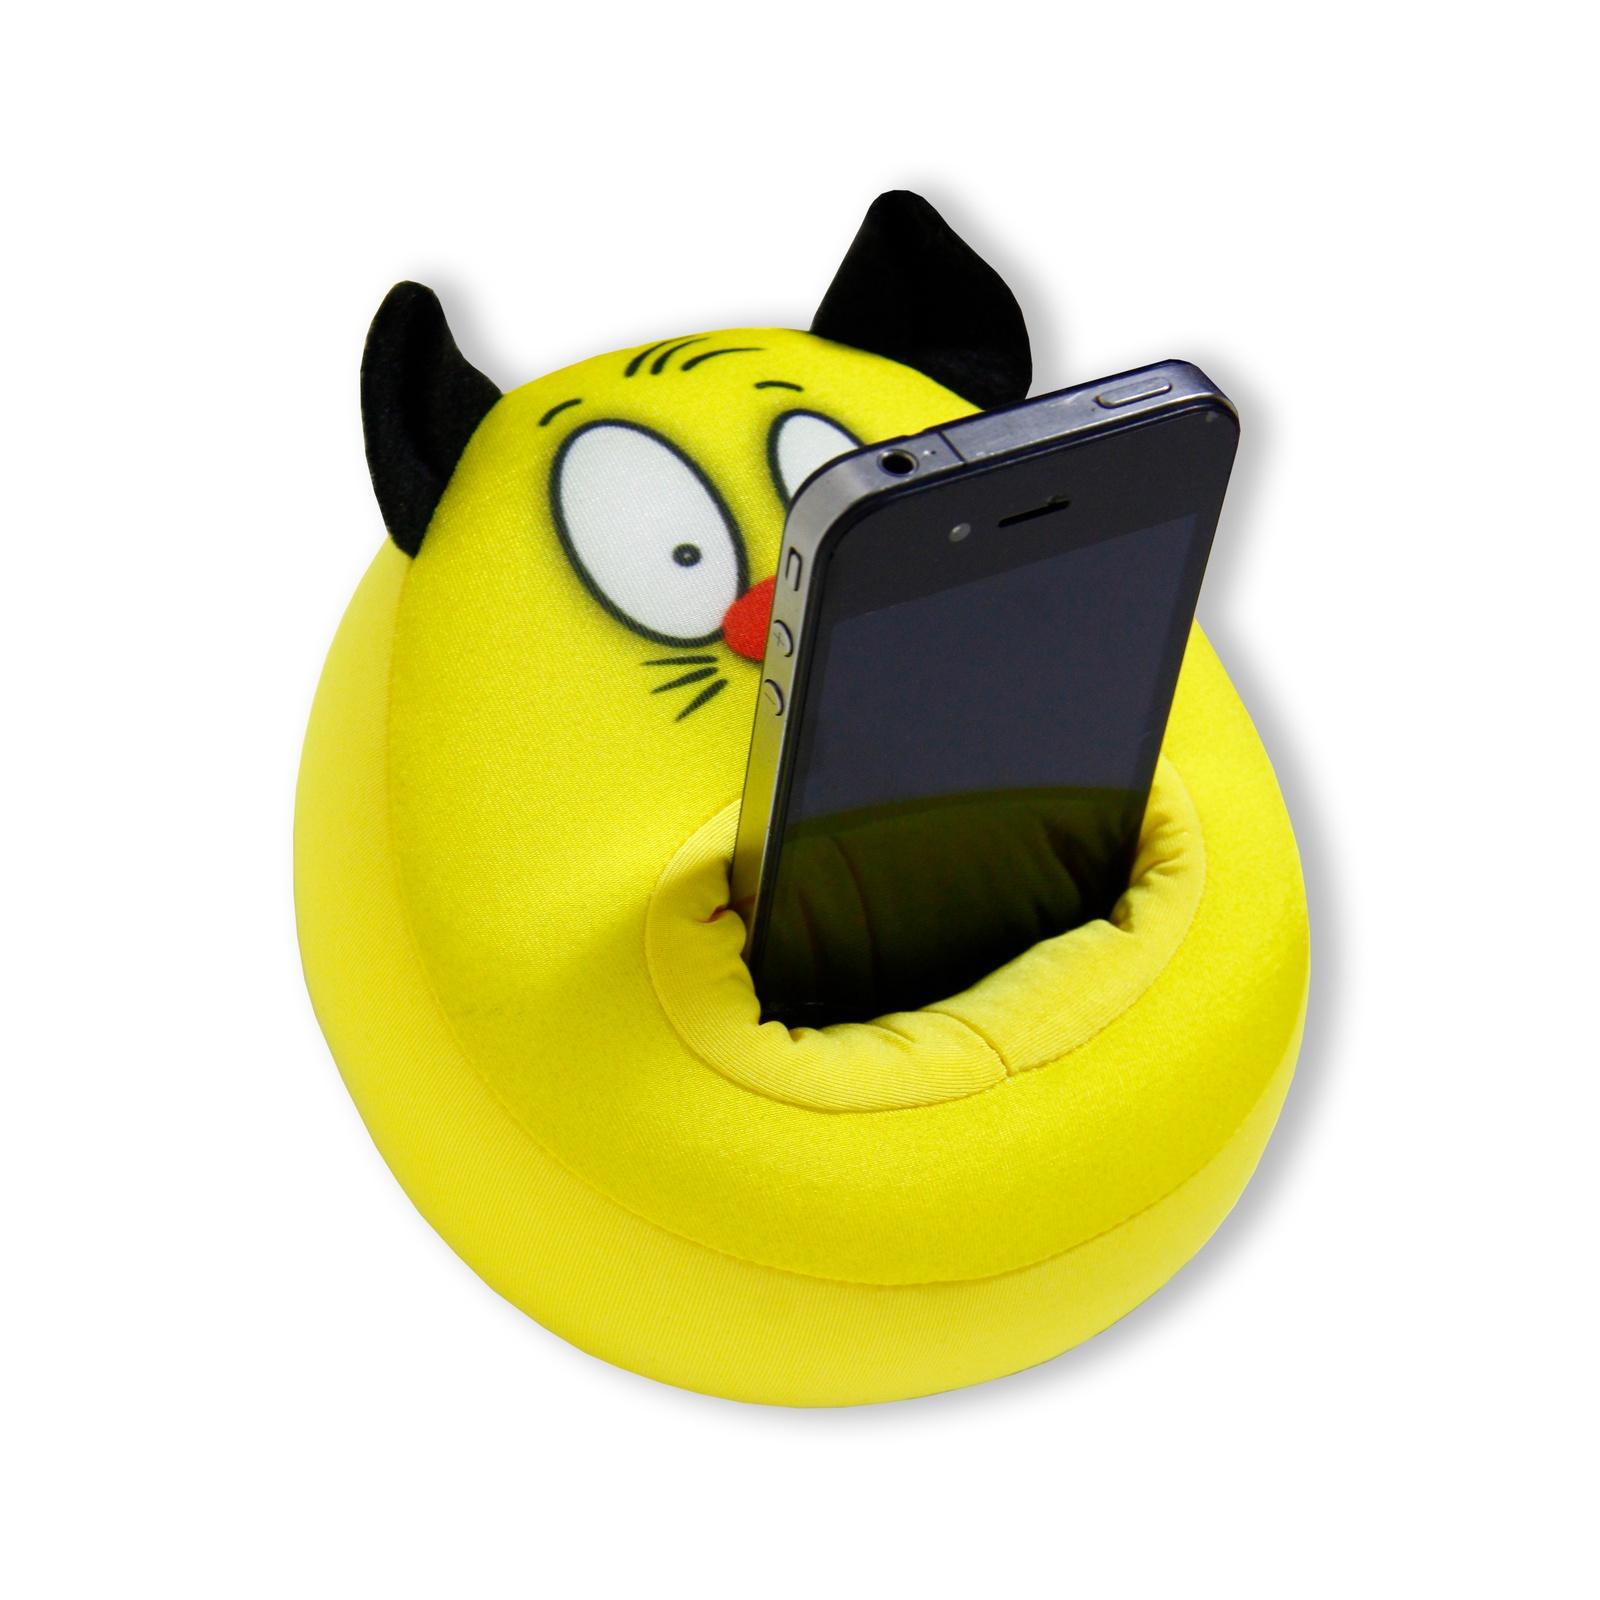 """Антистресс """"Кот Зубастик"""", Антистрессовая подставка под телефон """"Штучки, к которым тянутся ручки"""", 15аспт02ив-2_желтый"""